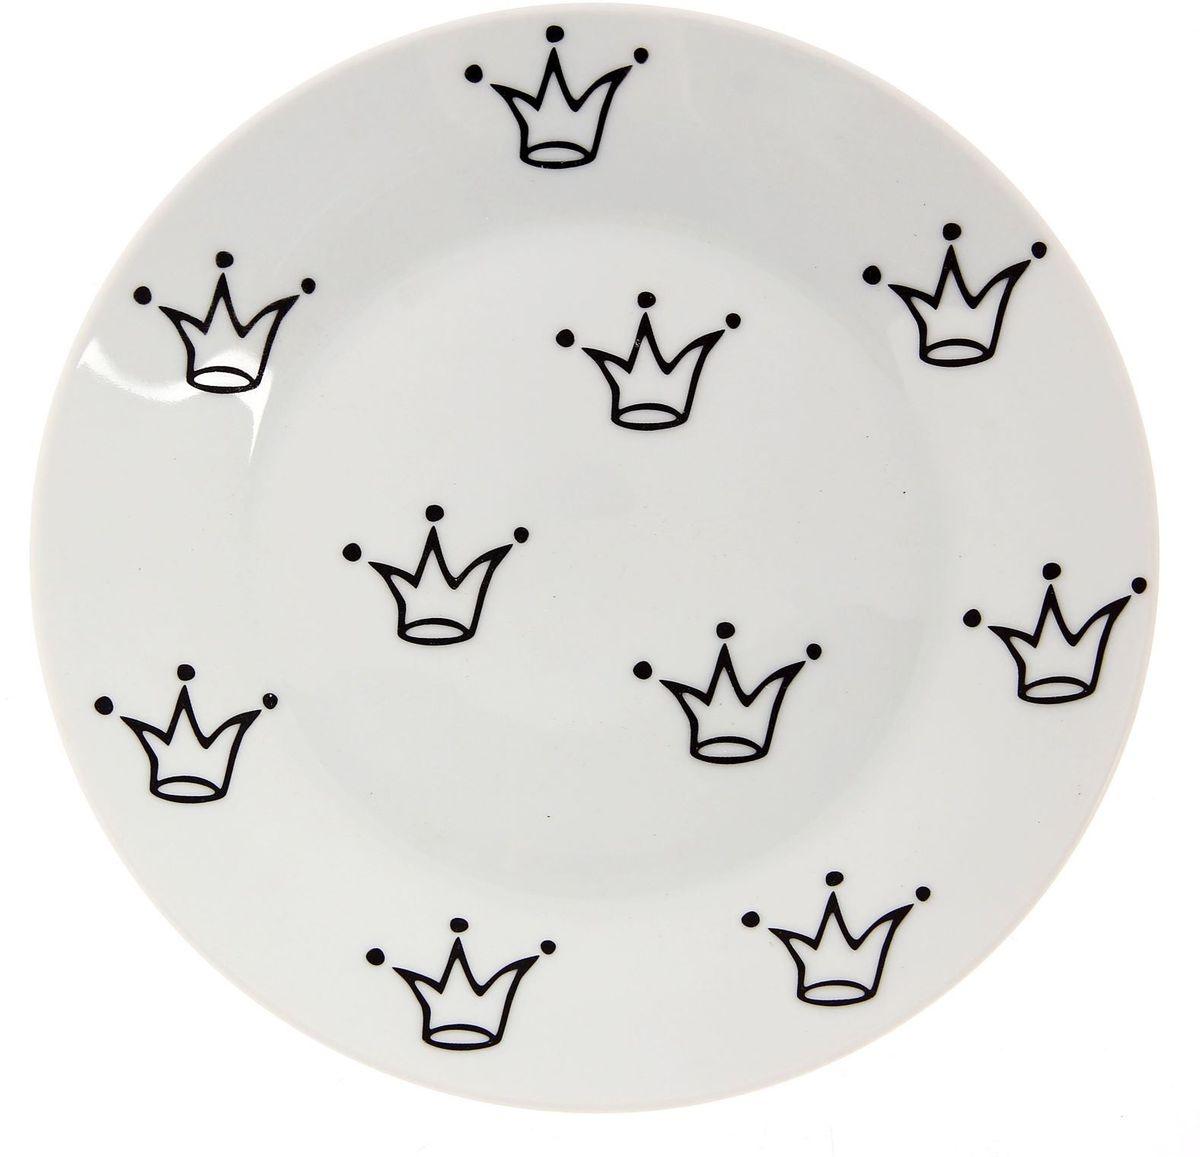 Тарелка мелкая Сотвори чудо My Little Crown, диаметр 20 см. 227786754 009312Хотите обновить интерьер кухни или гостиной? Устраиваете необычную фотосессию или тематический праздник? А может, просто ищете подарок для близкого человека? Посуда Сотвори Чудо — правильный выбор в любой ситуации. Тарелка Сотвори Чудо, изготовленная из изящного фаянса нежного сливочного цвета, оформлена оригинальным рисунком со стойкой краской. Пригодна для посудомоечной машины.